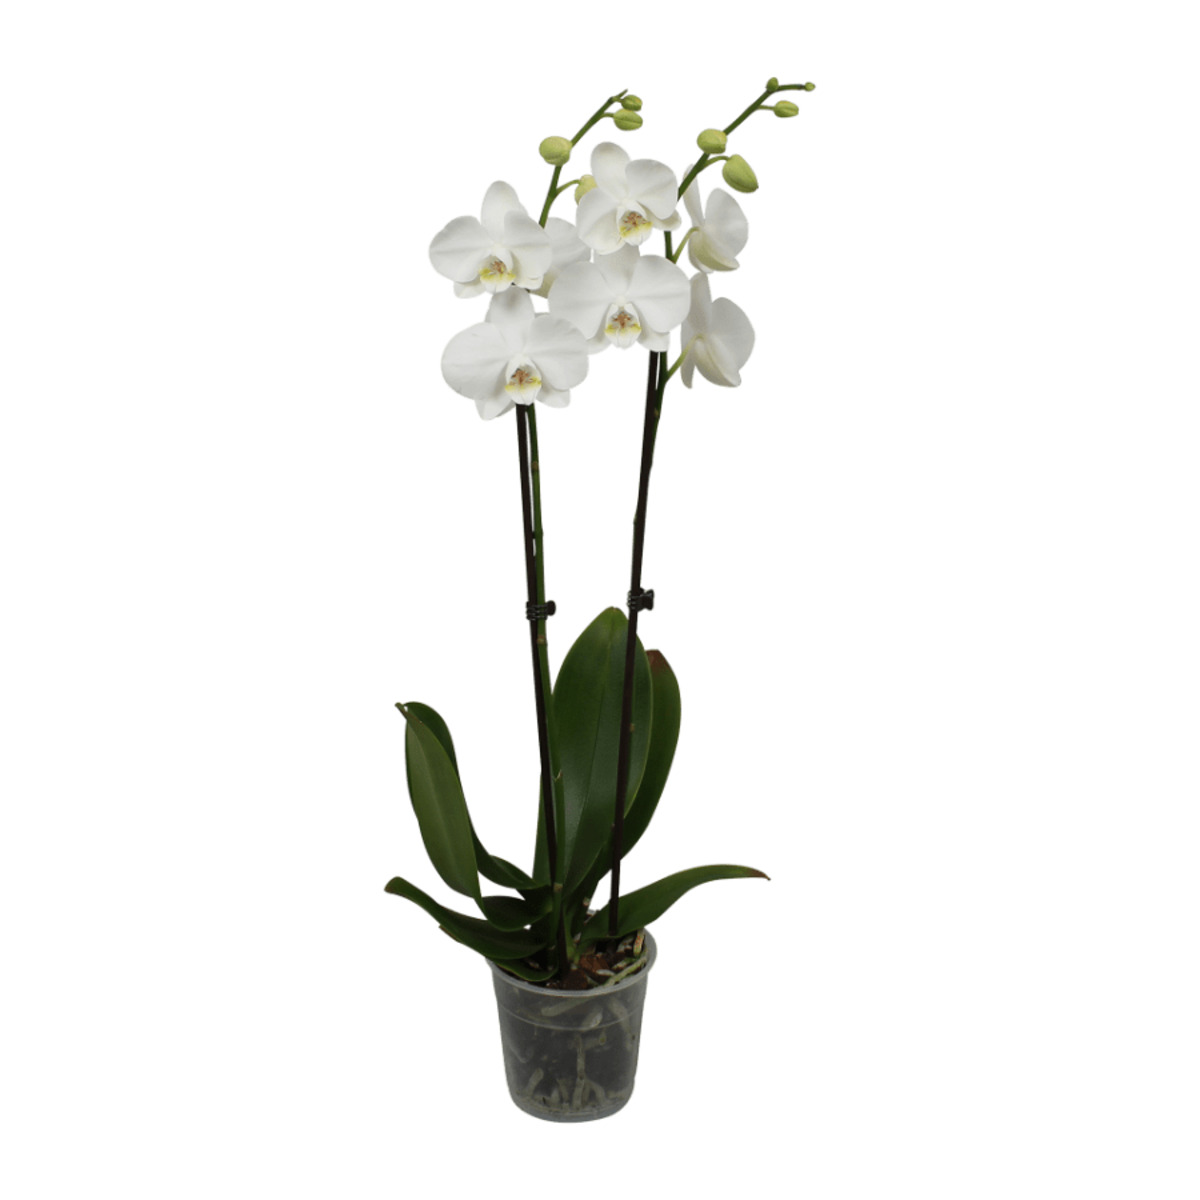 Bild 2 von GARDENLINE Phalaenopsis